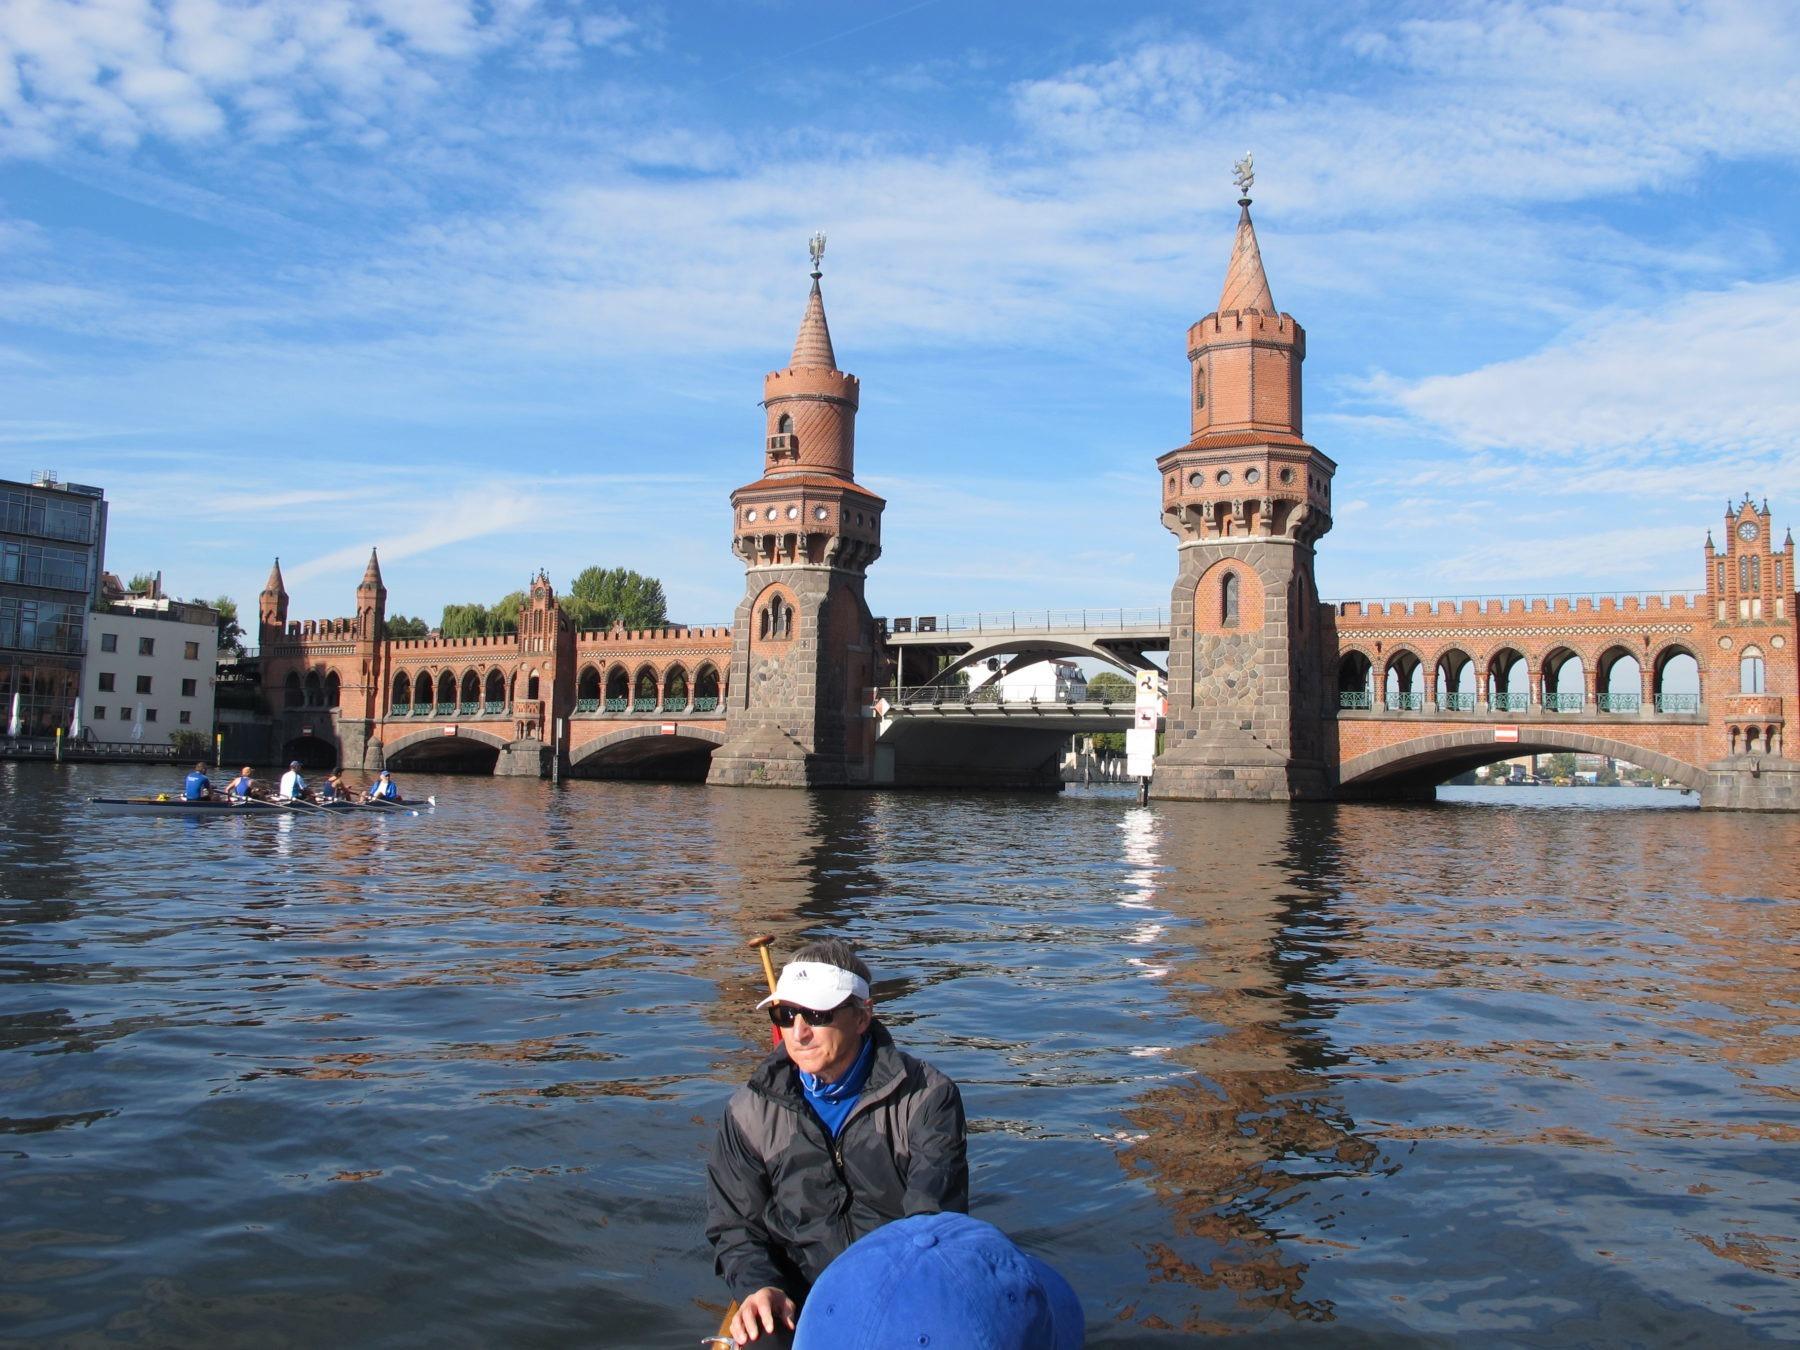 Rowing in Germany – Berlin